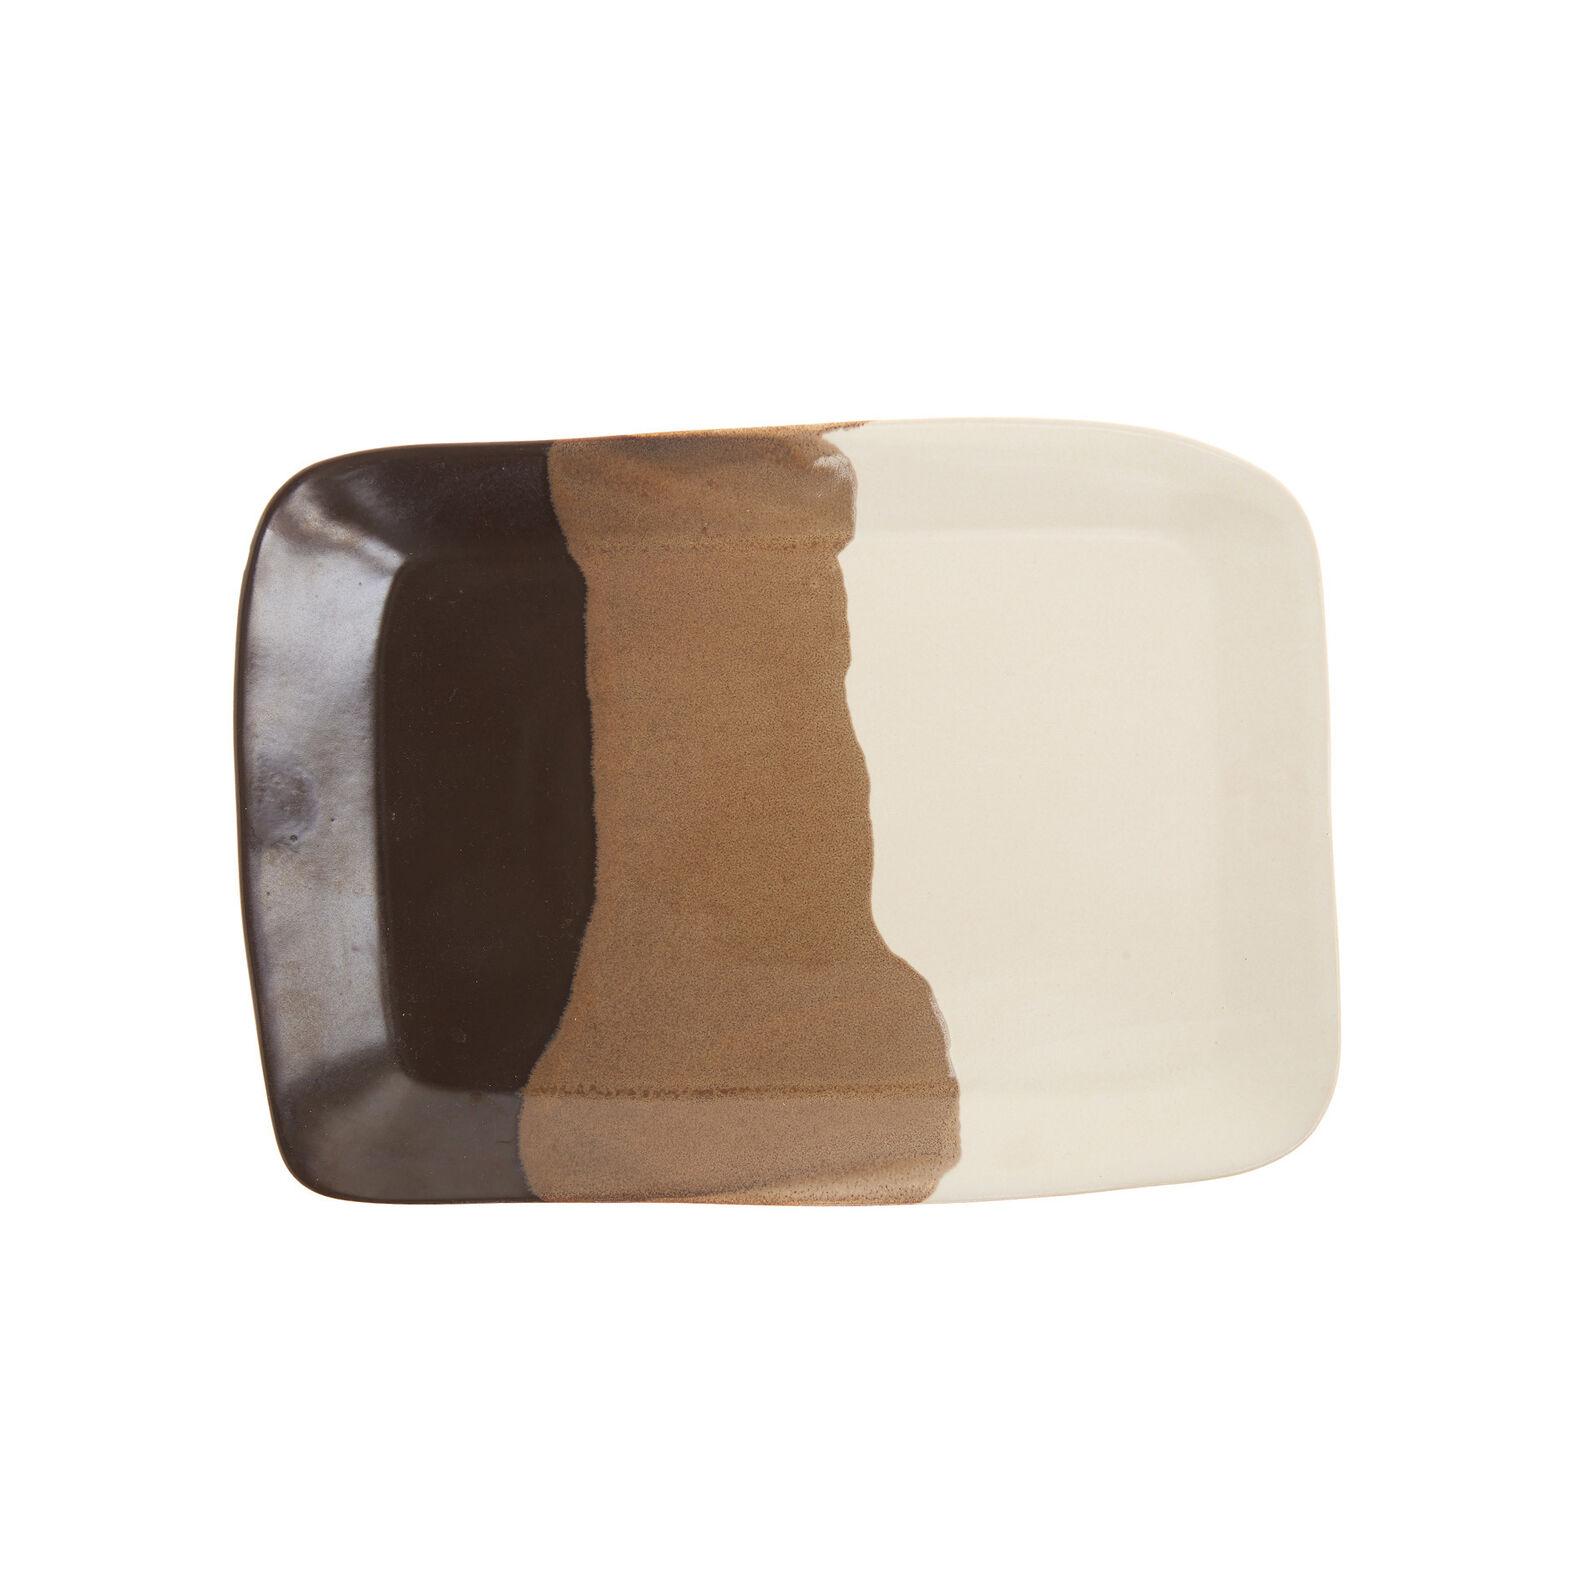 Terra rectangular ceramic plate